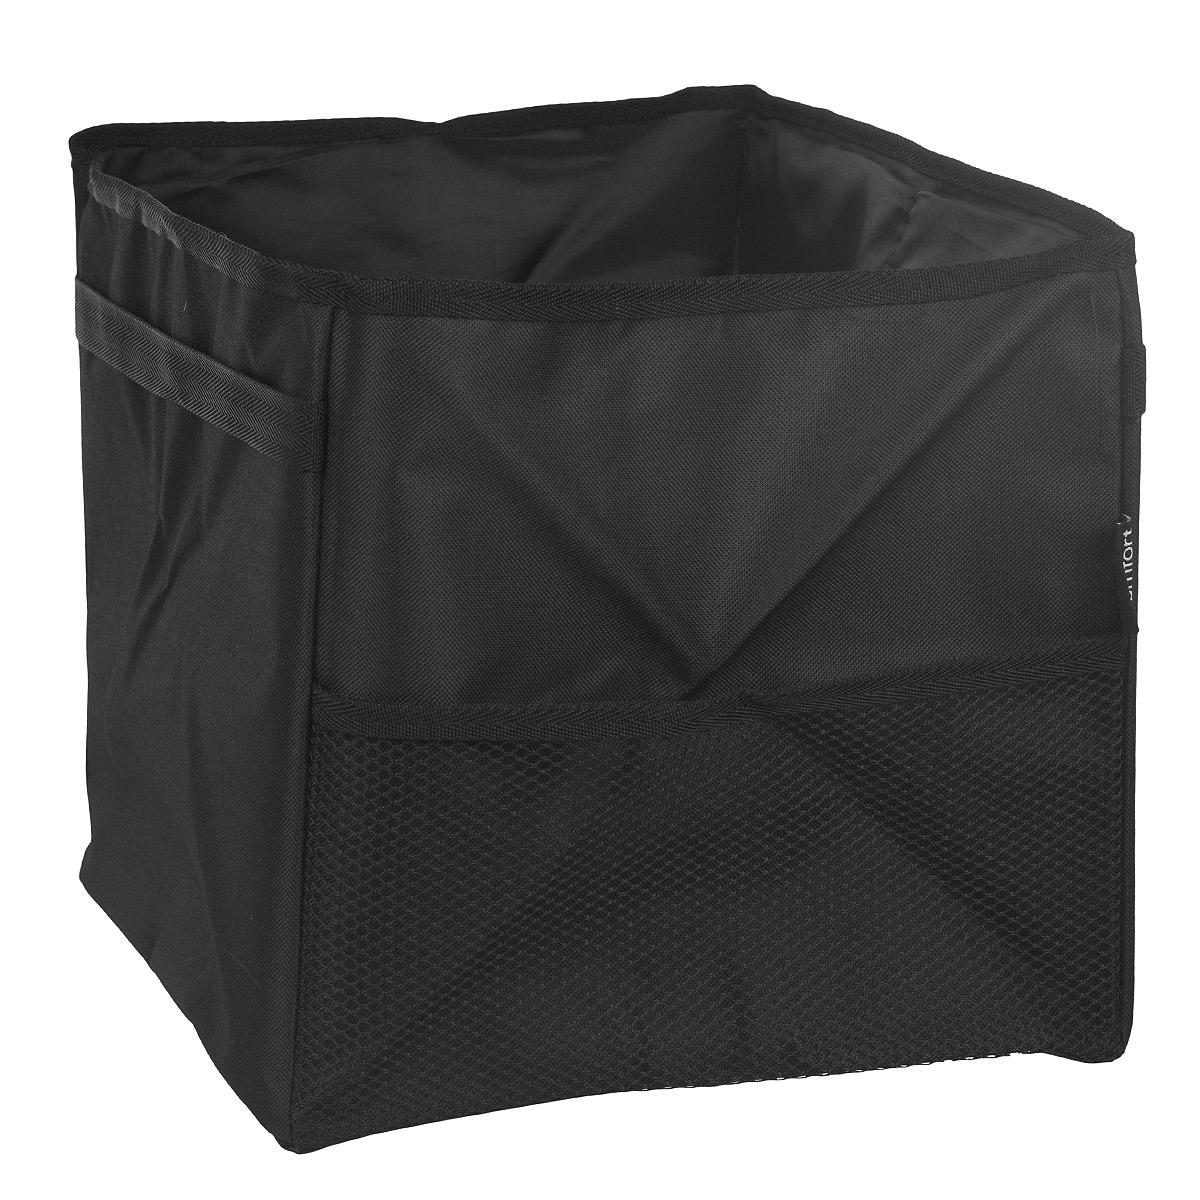 Органайзер в багажник Comfort Address, складной, 29 см х 35 см х 32 смbag 030Органайзер в багажник Comfort Address выполнен из крепкой непромокаемой ткани. Содержит одно большое отделение, размеры которого позволят вместить все, что разложено по углам багажника. Спереди содержится сетчатый карман на резинке. На дне пришиты липучки, препятствующие передвижению органайзера по багажнику. Удобная крышка на молнии спрячет все, что лежит внутри; при необходимости ее можно убрать в сумку. Органайзер складной; в сложенном виде, когда он не нужен, занимает минимум места.